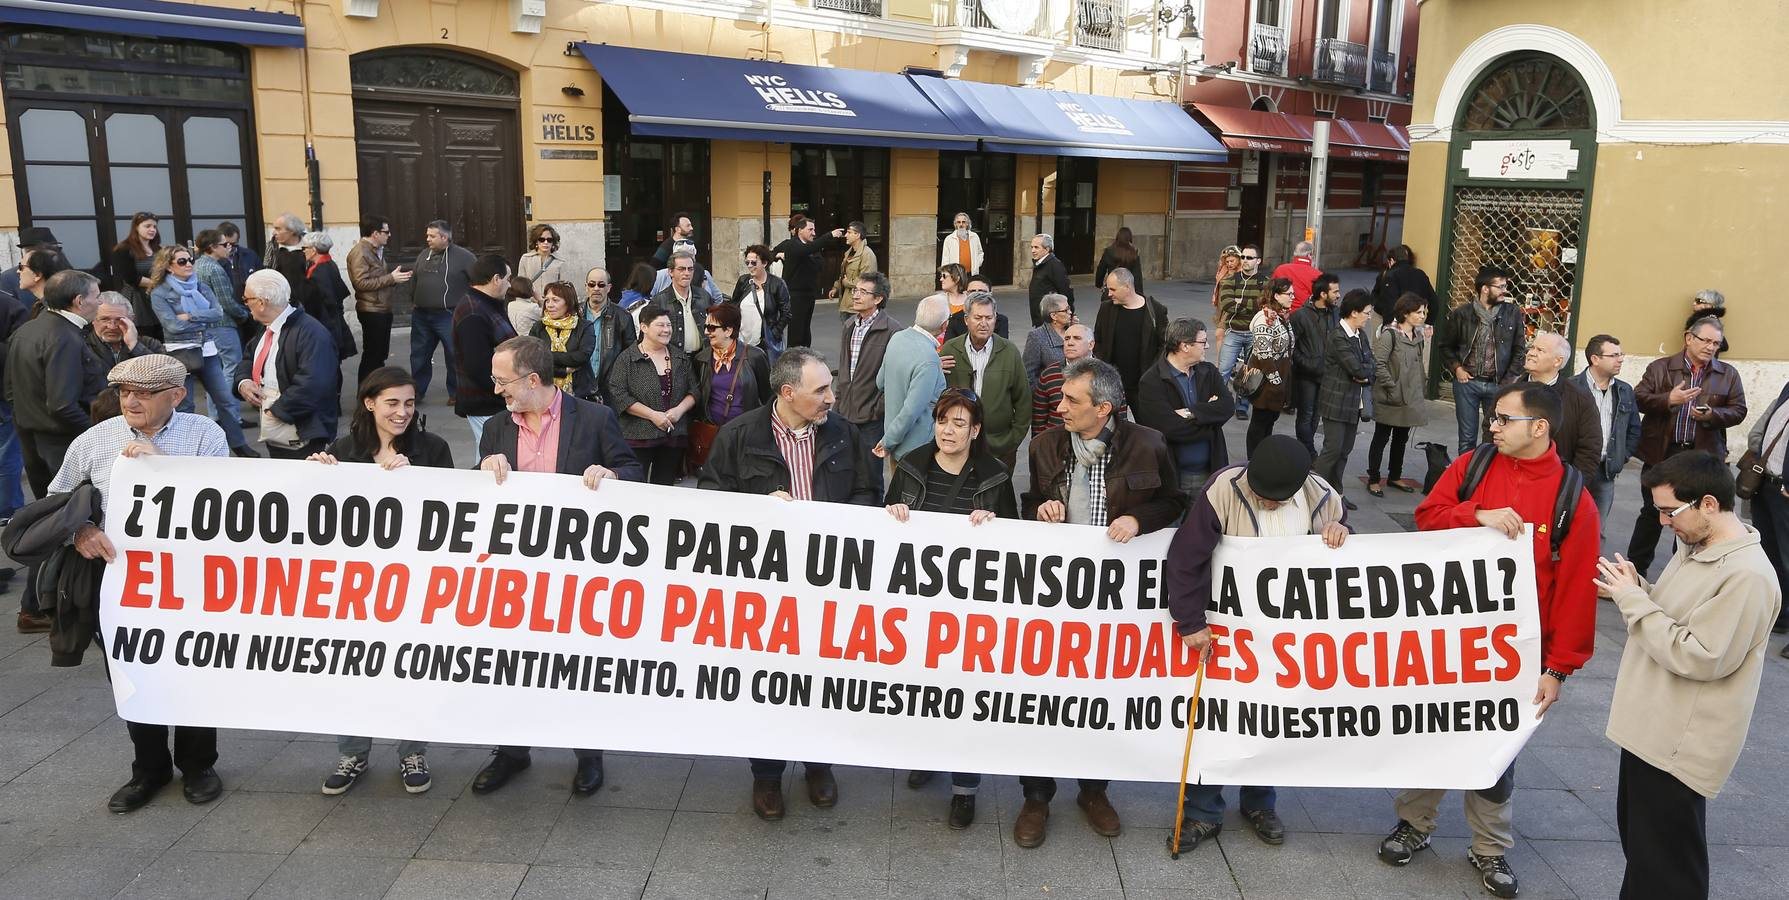 Protesta por la construcción de un ascensor en la Catedral de Valladolid